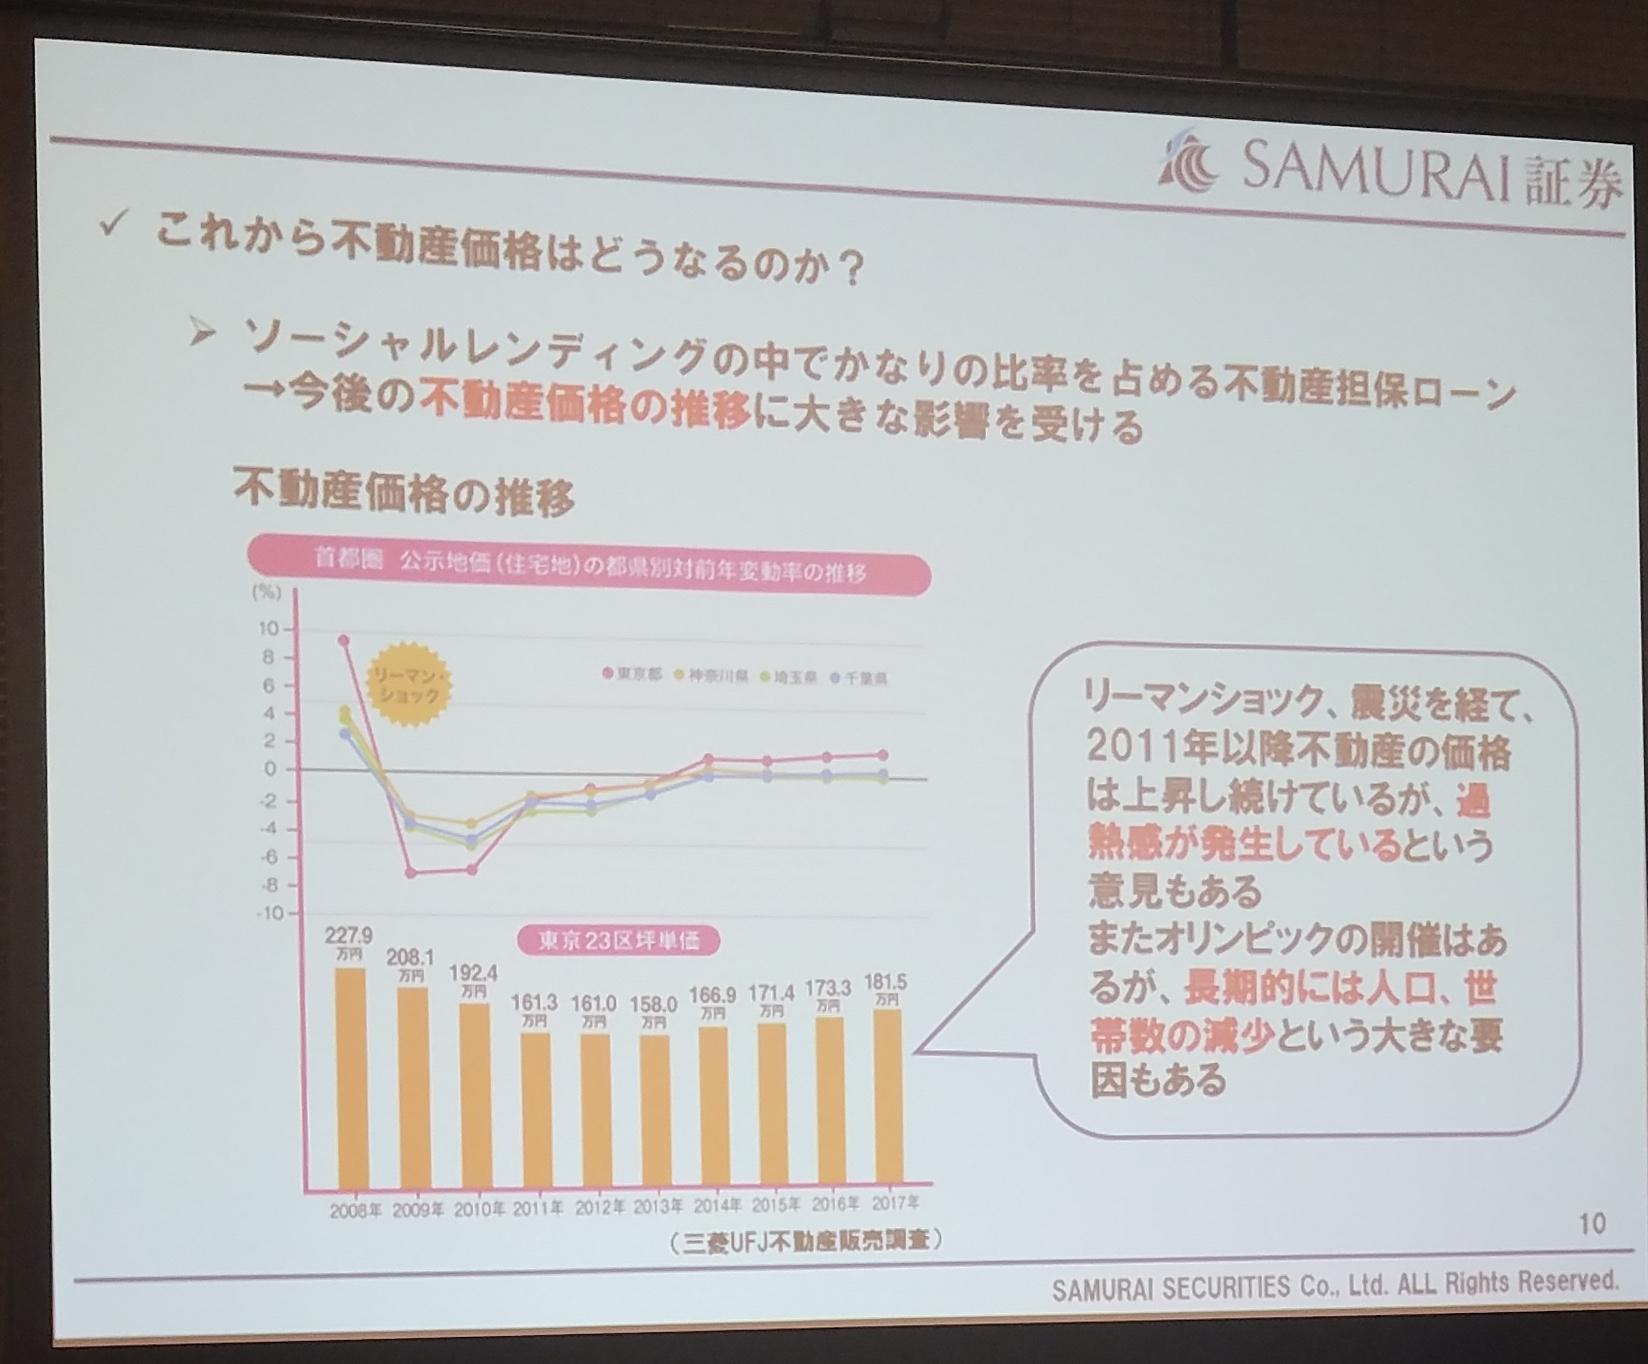 10_SAMURAIセミナー参加報告